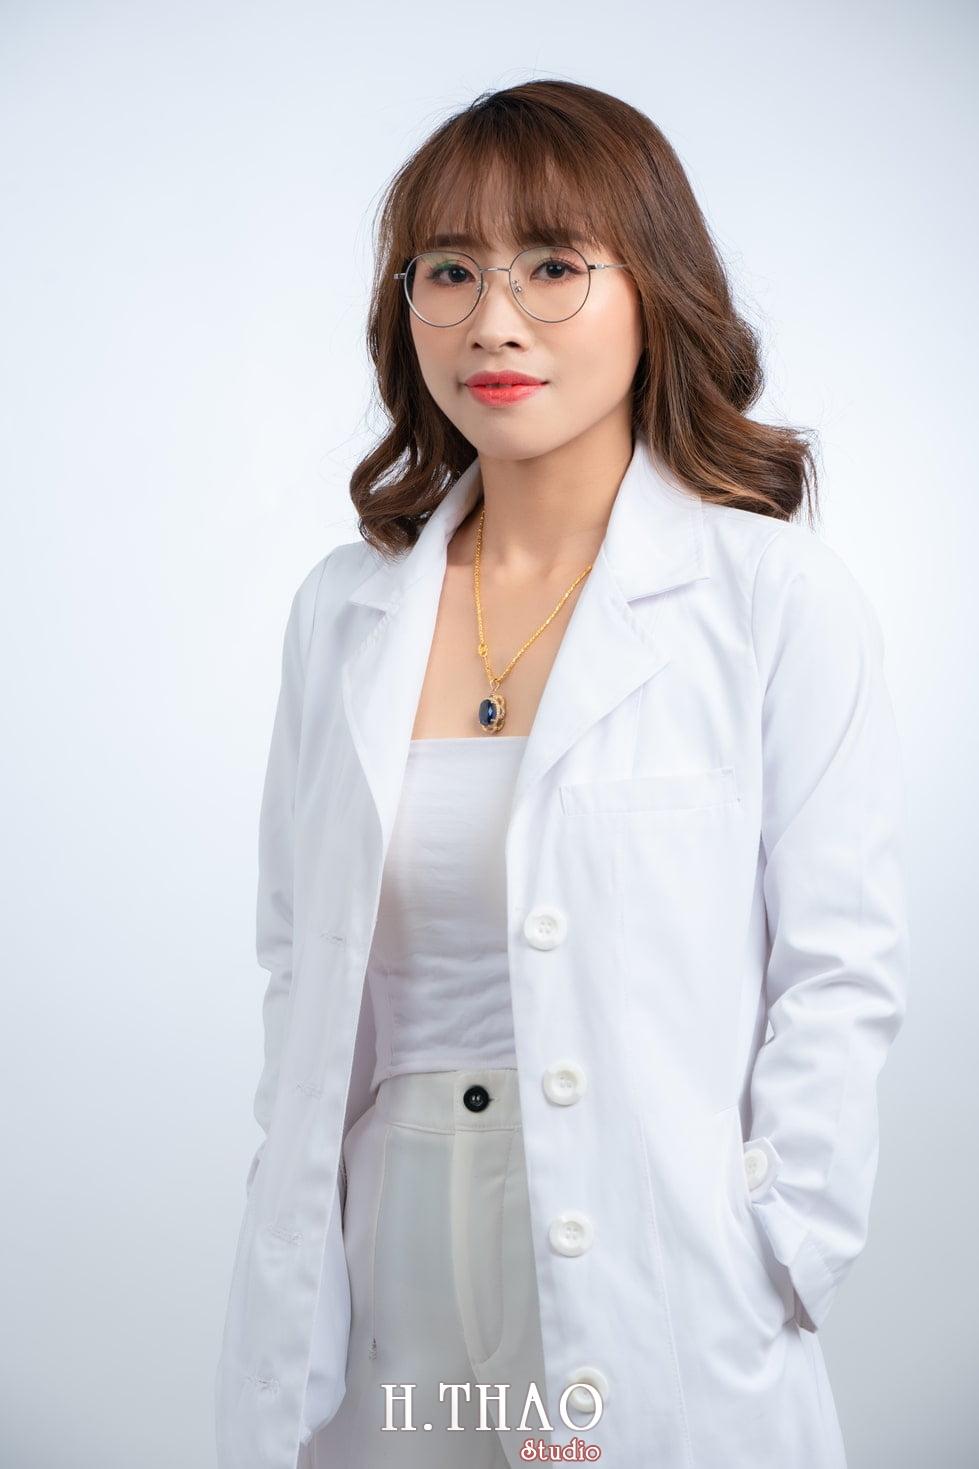 Profile bac si nu 2 - Tổng hợp ảnh profile nghề nghiệp Tháng 3 - HThao Studio